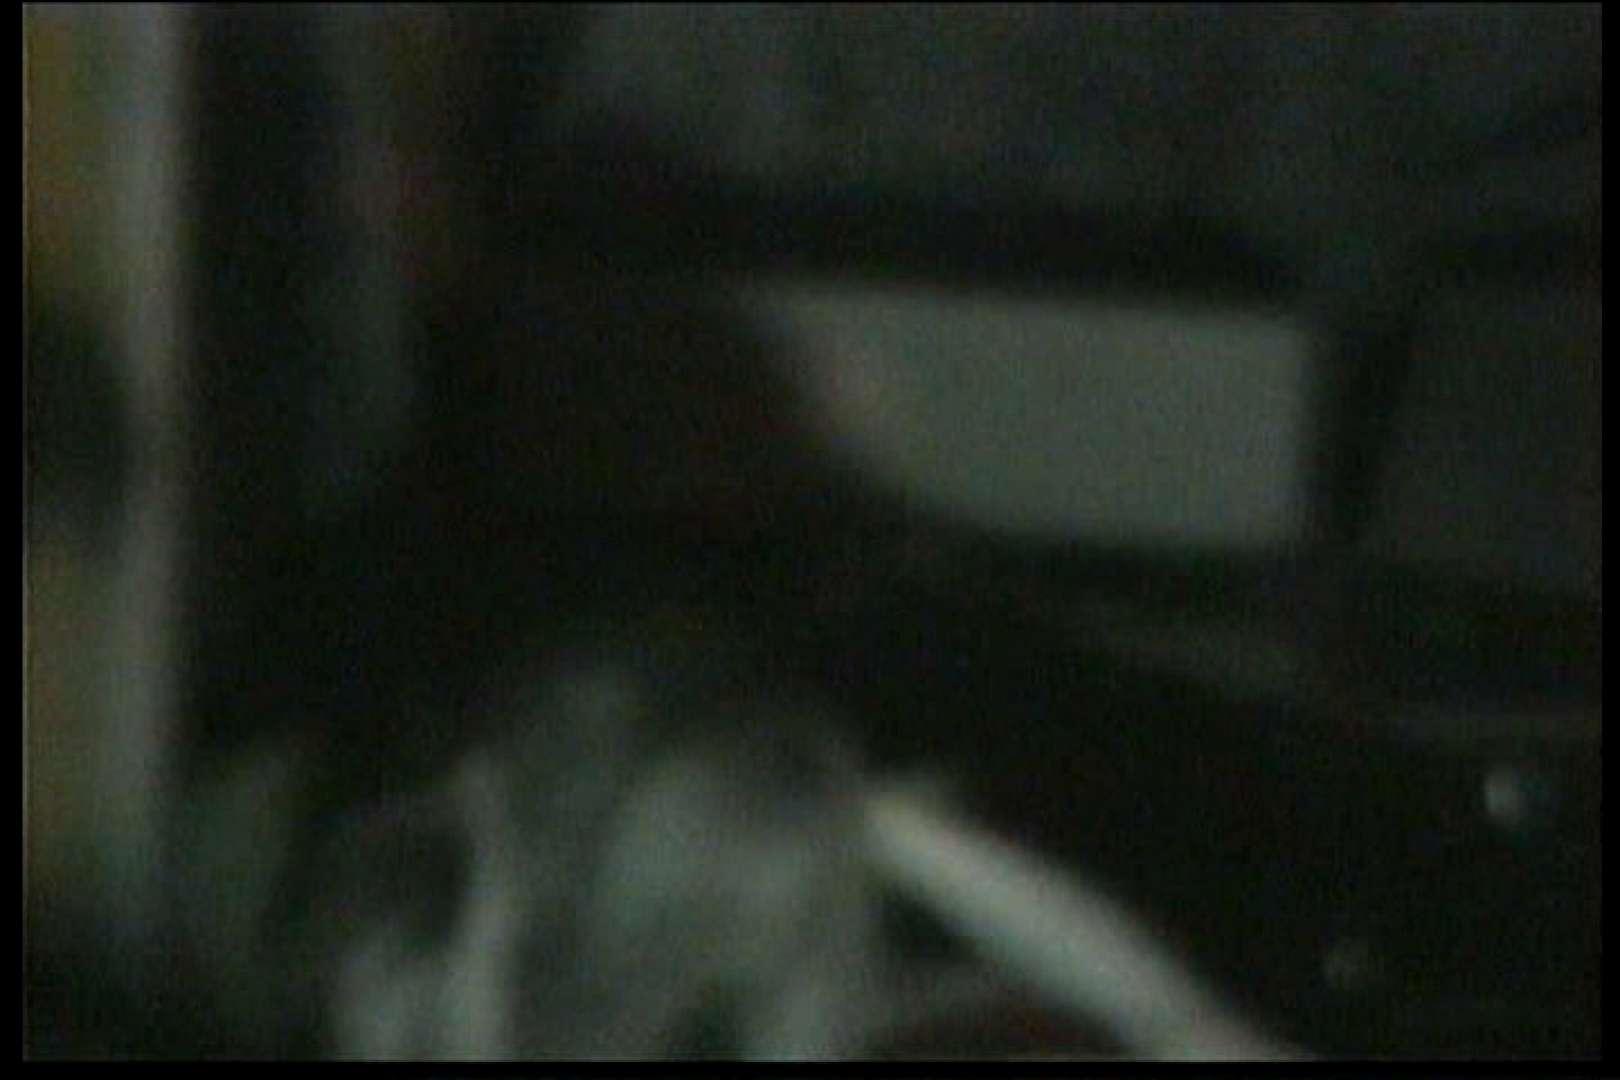 闇の仕掛け人 無修正版 Vol.16 0   0  74画像 11